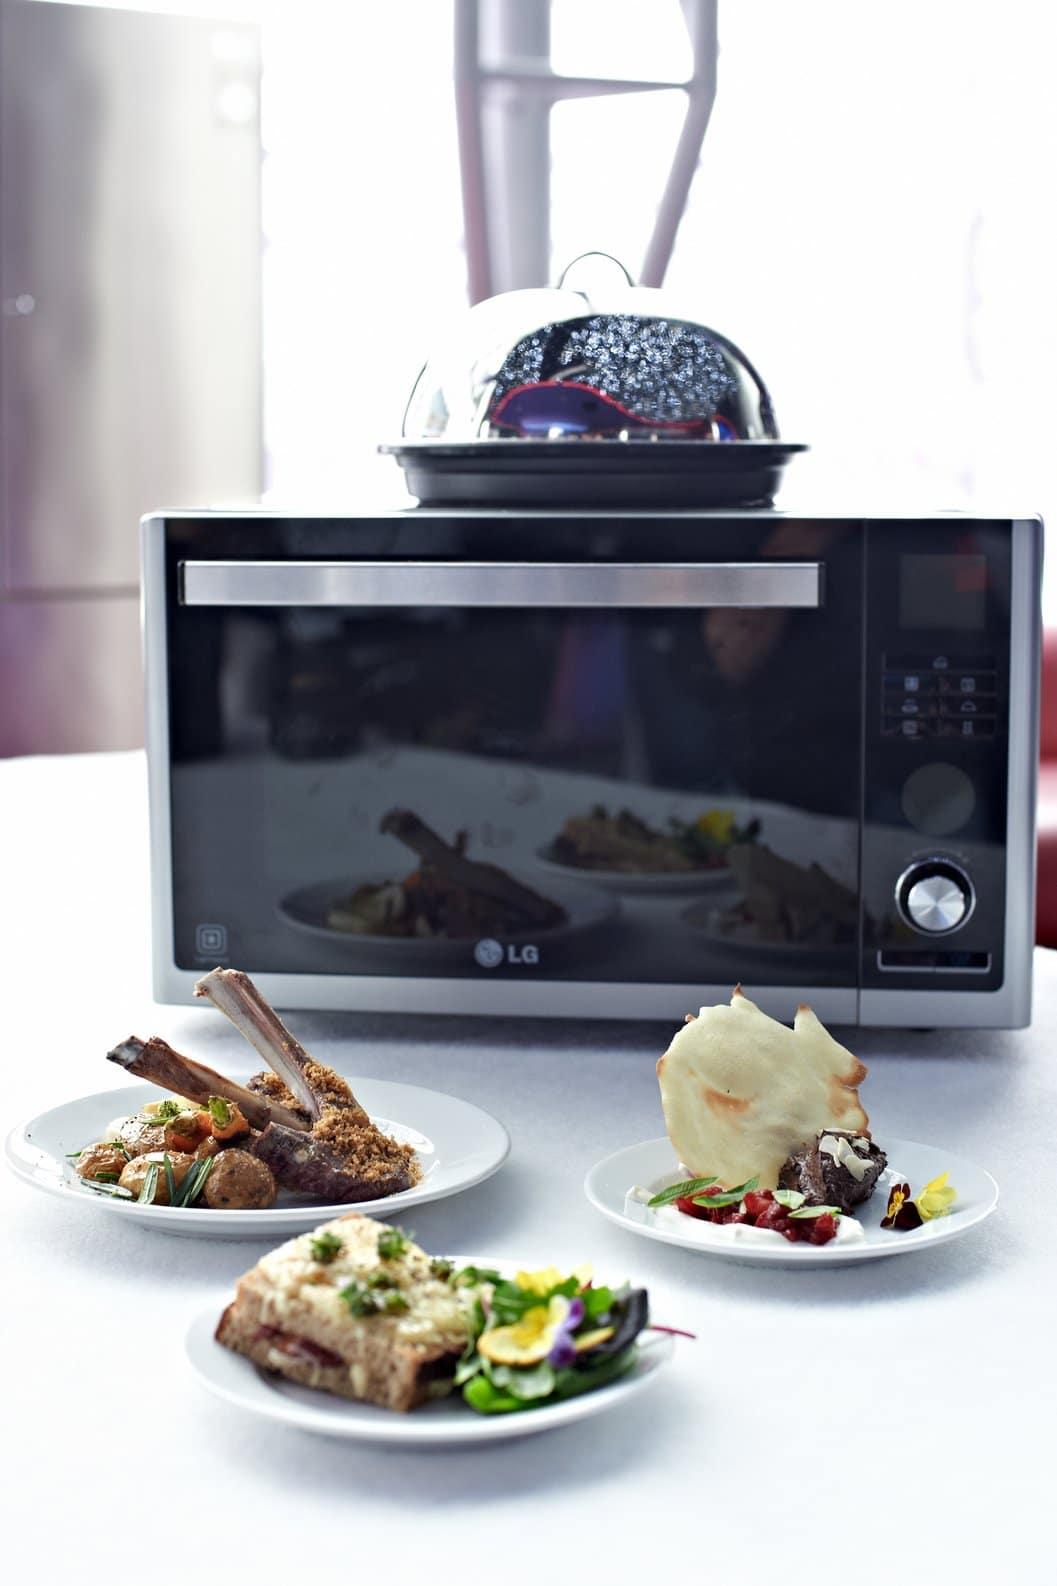 6 trybów pracy piekarnika pozwala dopasować warunki pieczenia do potrzeb danego dania